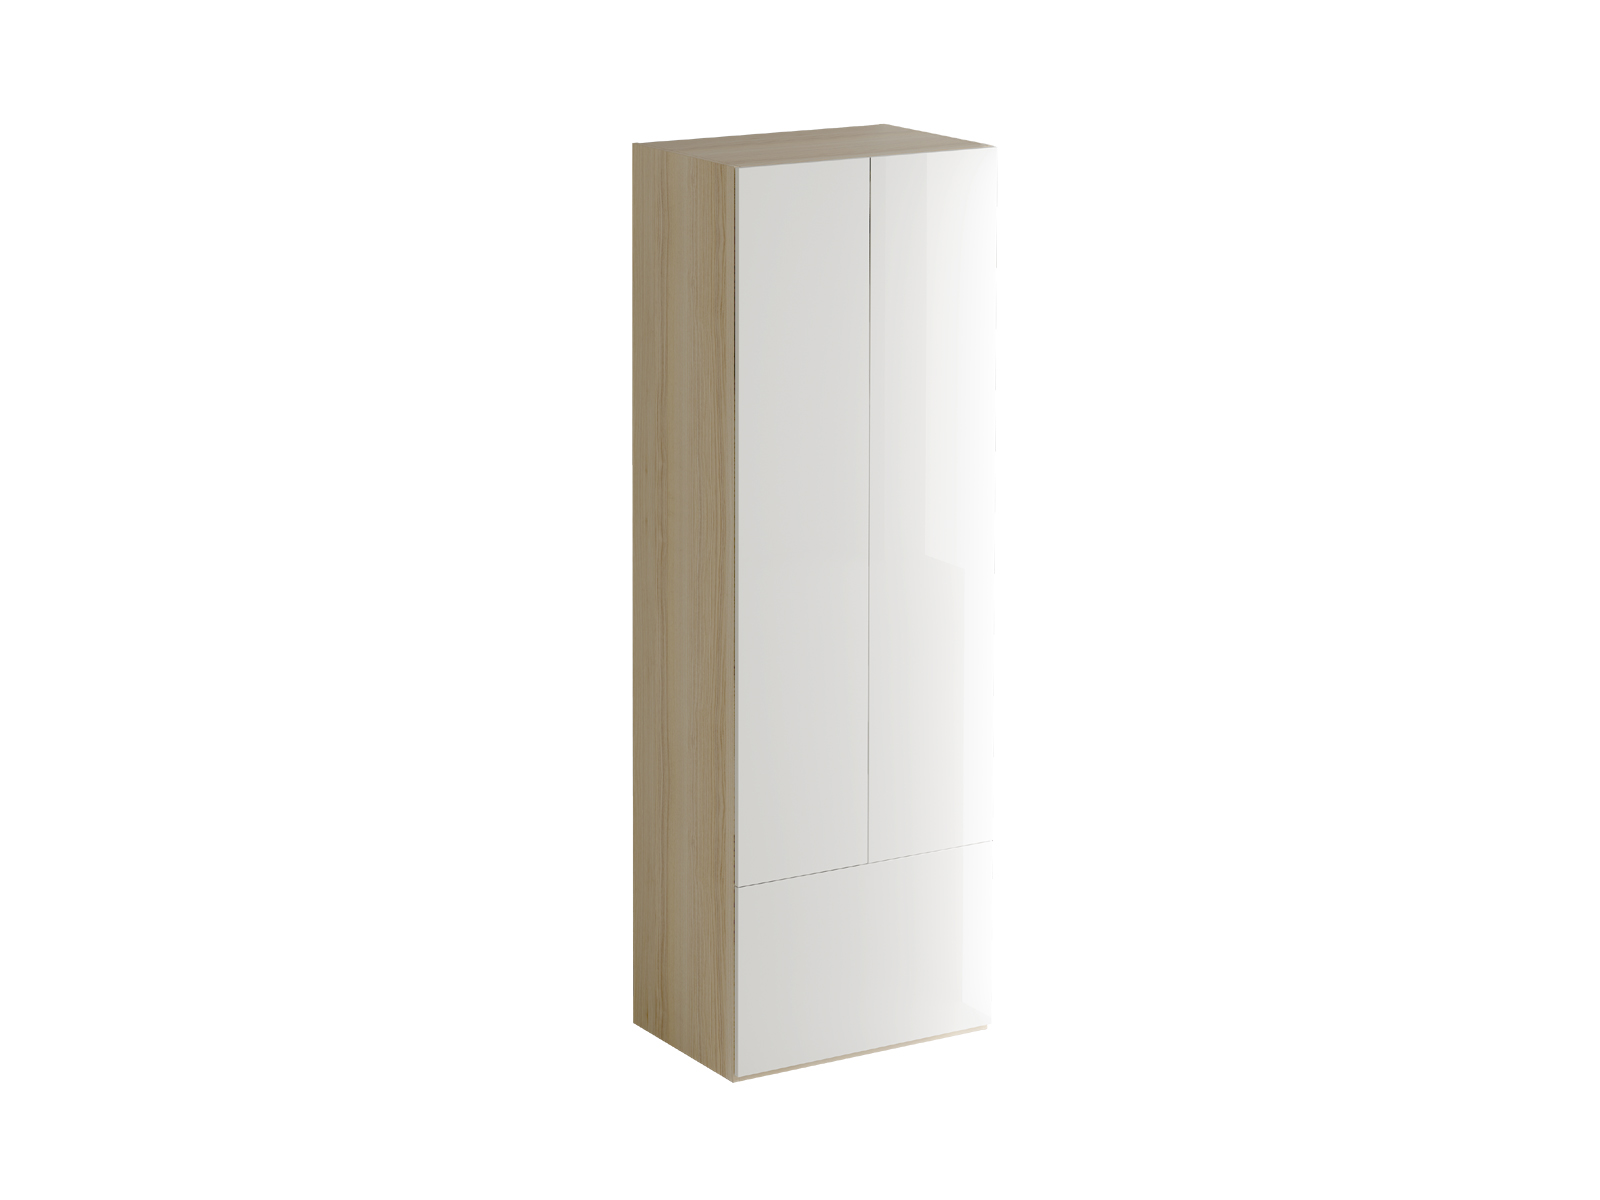 Шкаф PassageПлатяные шкафы<br>Шкаф двухдверный. В верхней части за распашными дверцами расположено отделение со штангой для хранения одежды и крючками. В нижнем отделении за откидной дверцей расположена полка.<br><br>Material: ДСП<br>Width см: 70<br>Depth см: 48<br>Height см: 210